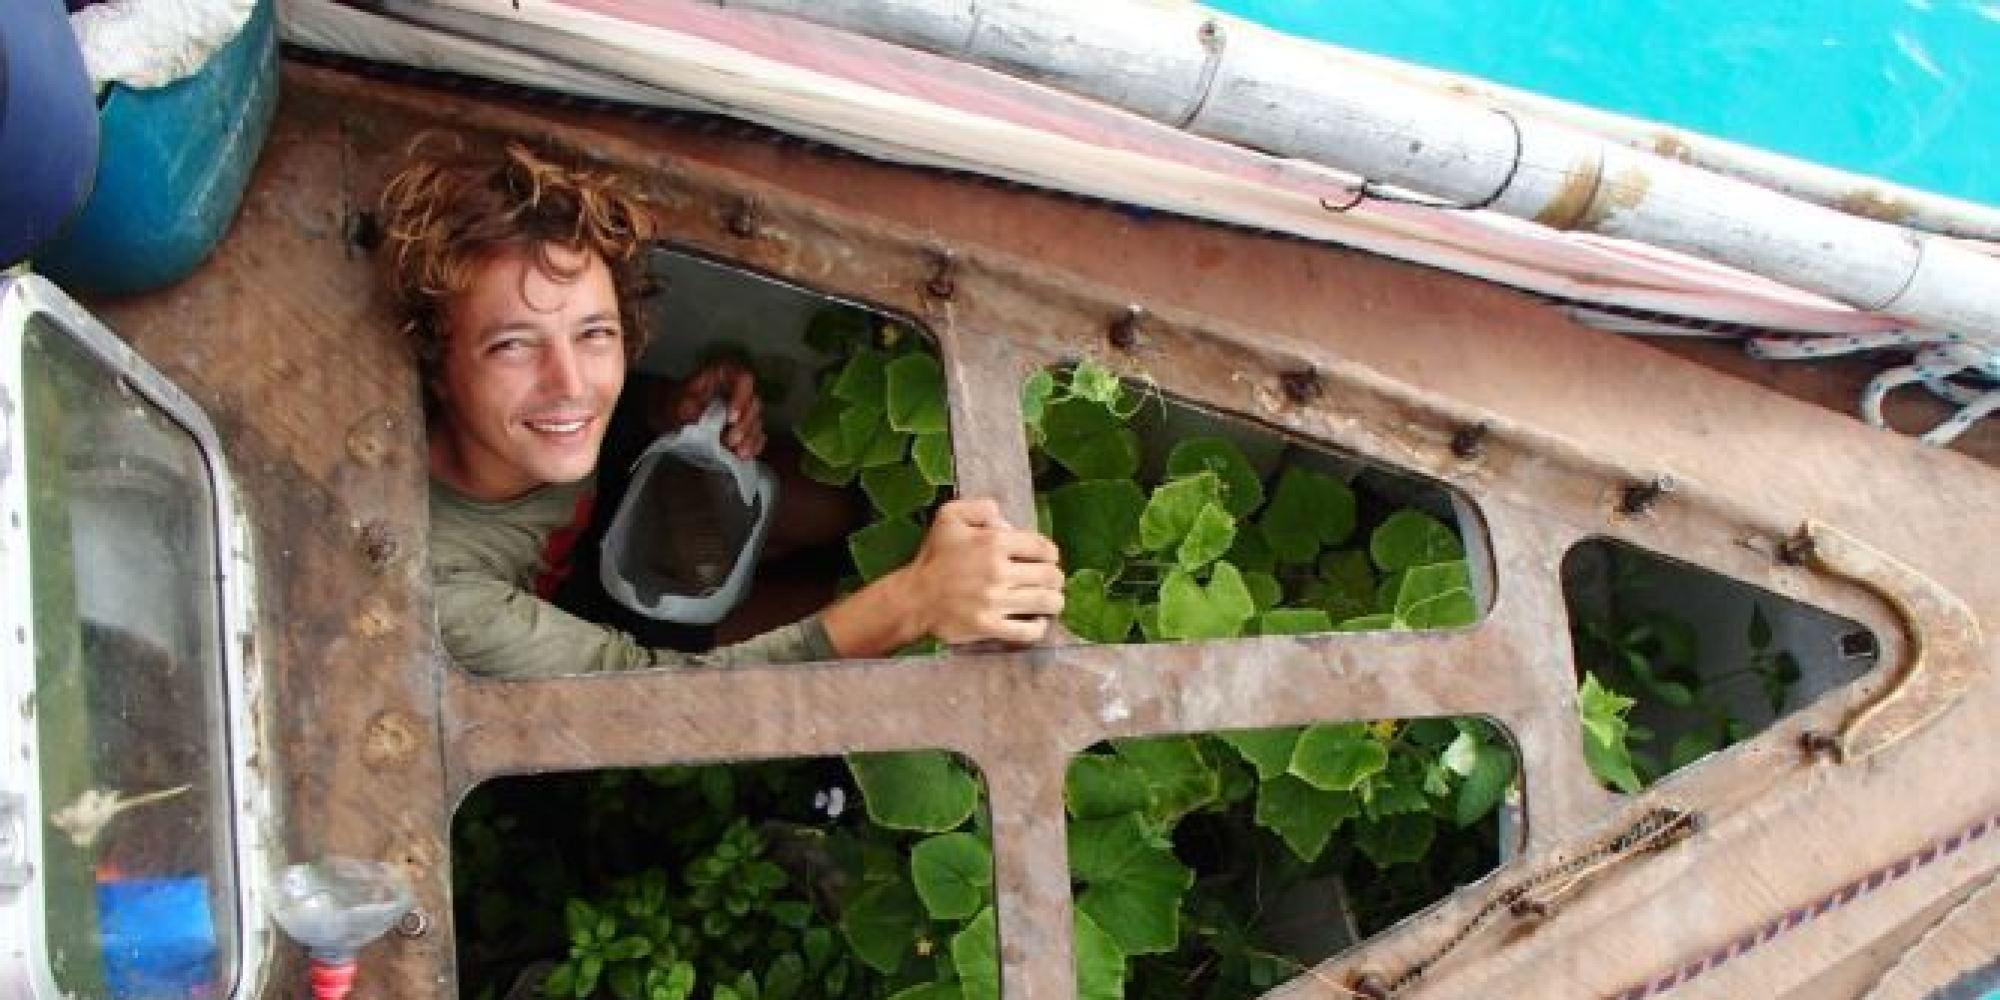 Corentin de chatelperron la rivoluzione ecologica naviga for Piani di costruzione di piccole case